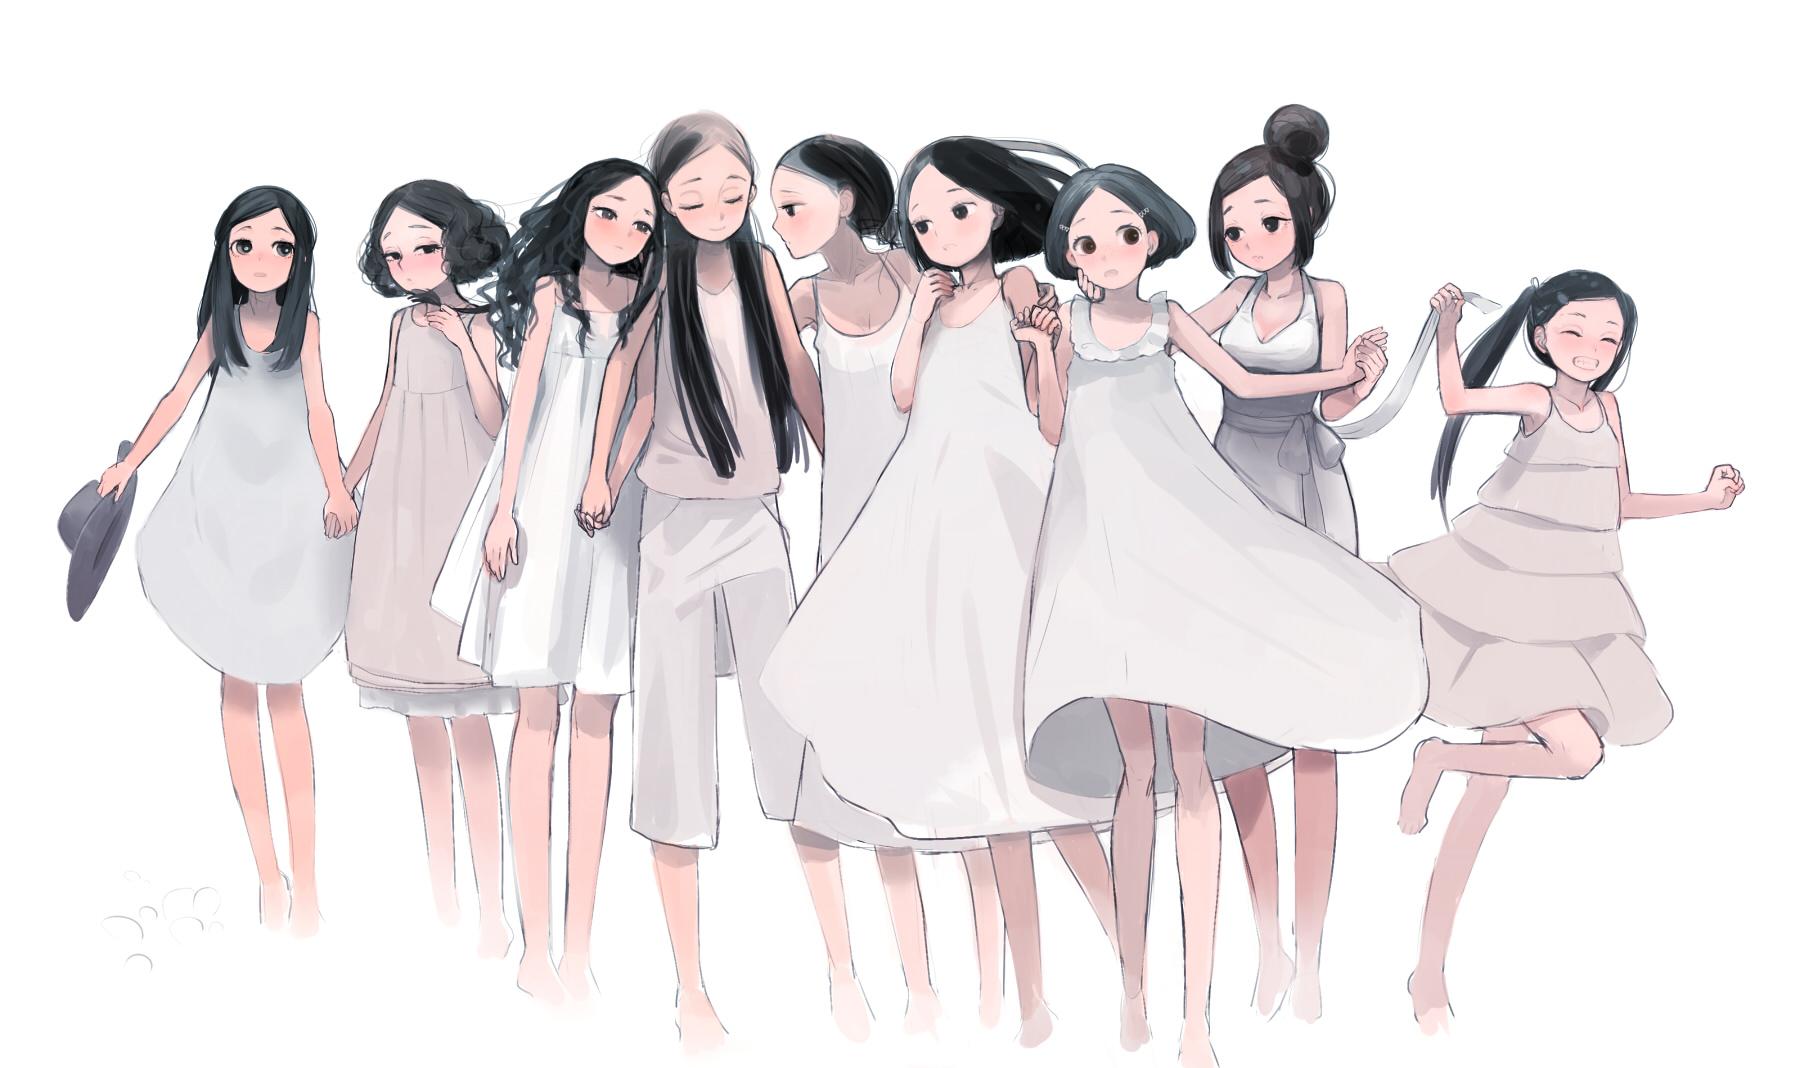 black_eyes black_hair blush dress felt long_hair original short_hair white